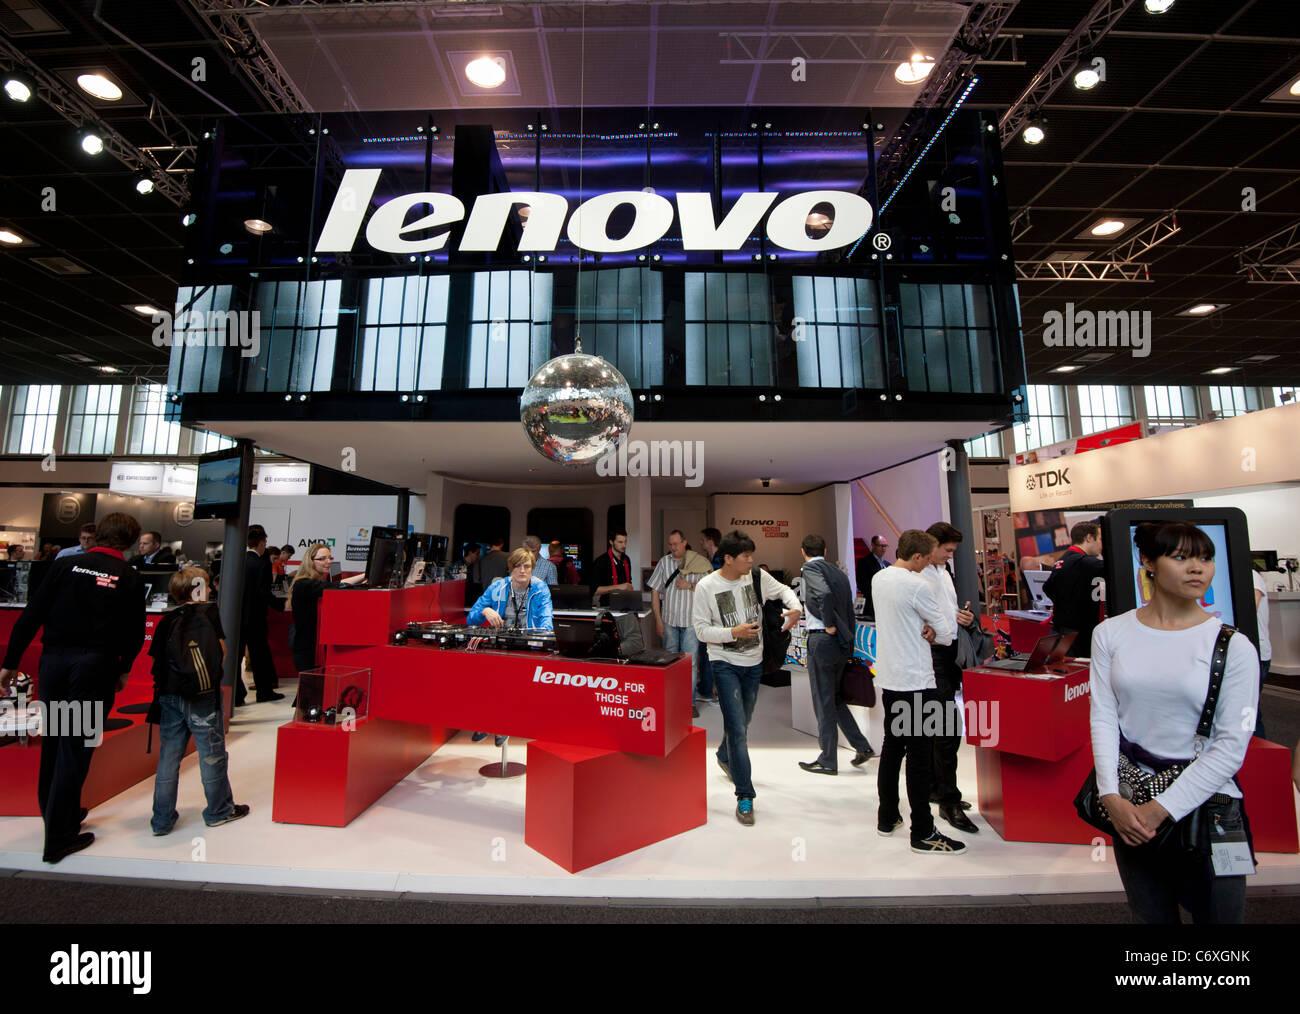 Lenovo syand a IFA consumer electronics fiera commerciale di Berlino Germania 2011 Immagini Stock